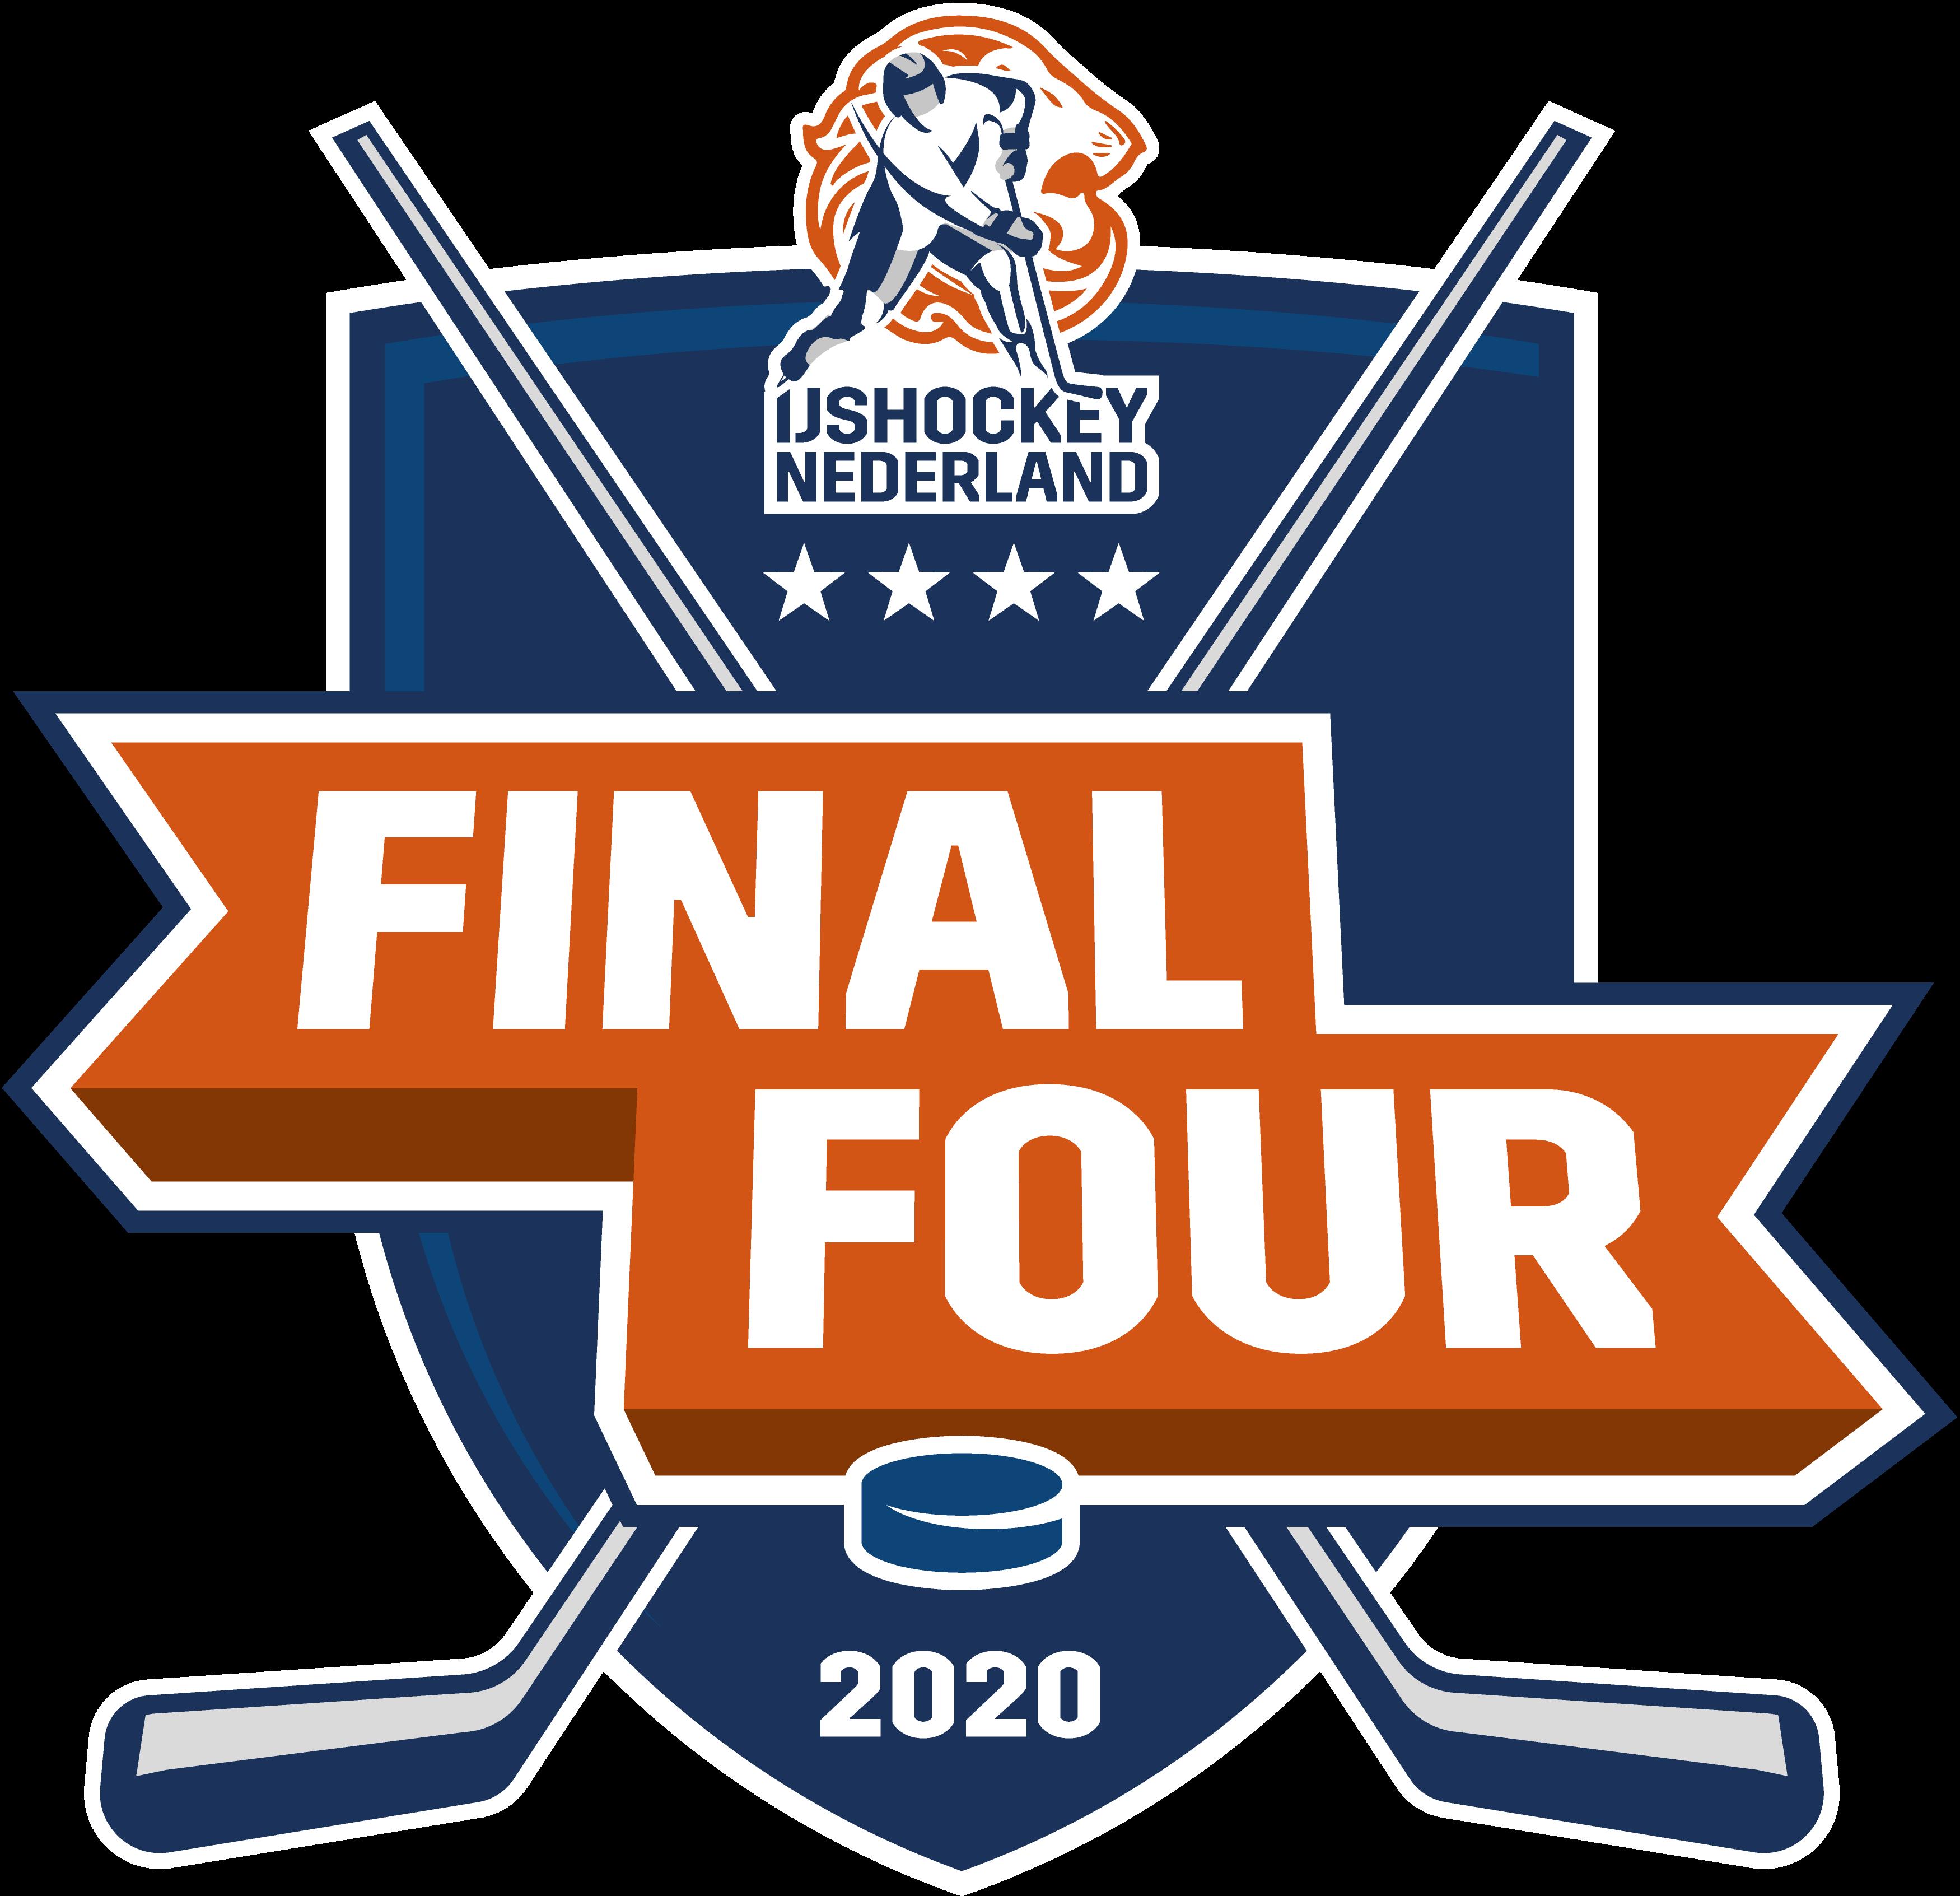 IJNL final4 2020